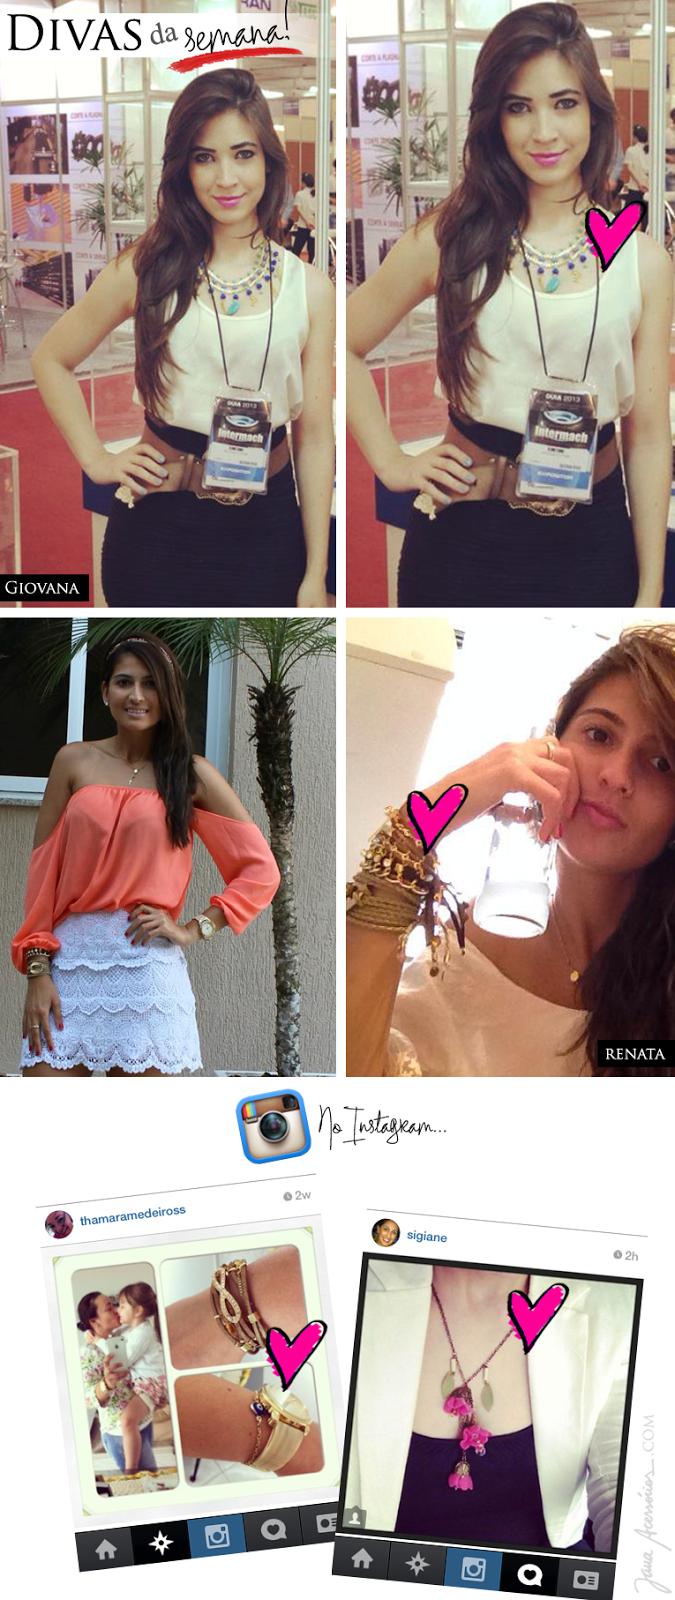 Jana Acessórios, Divas, Acessórios, Joinville, Blog da jana